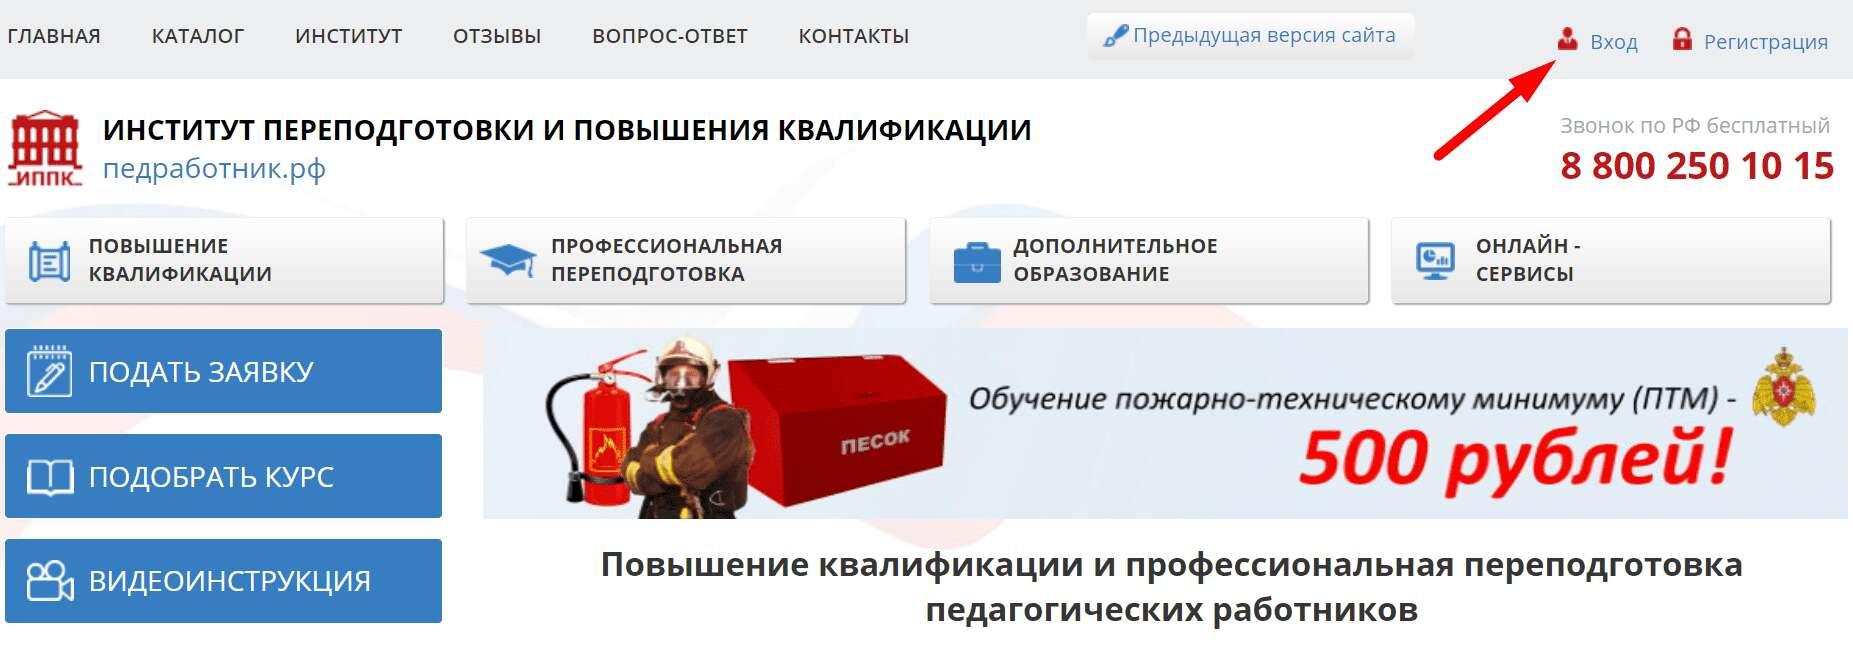 Официальный сайт образовательного центра «ПЕДРАБОТНИК.РФ»